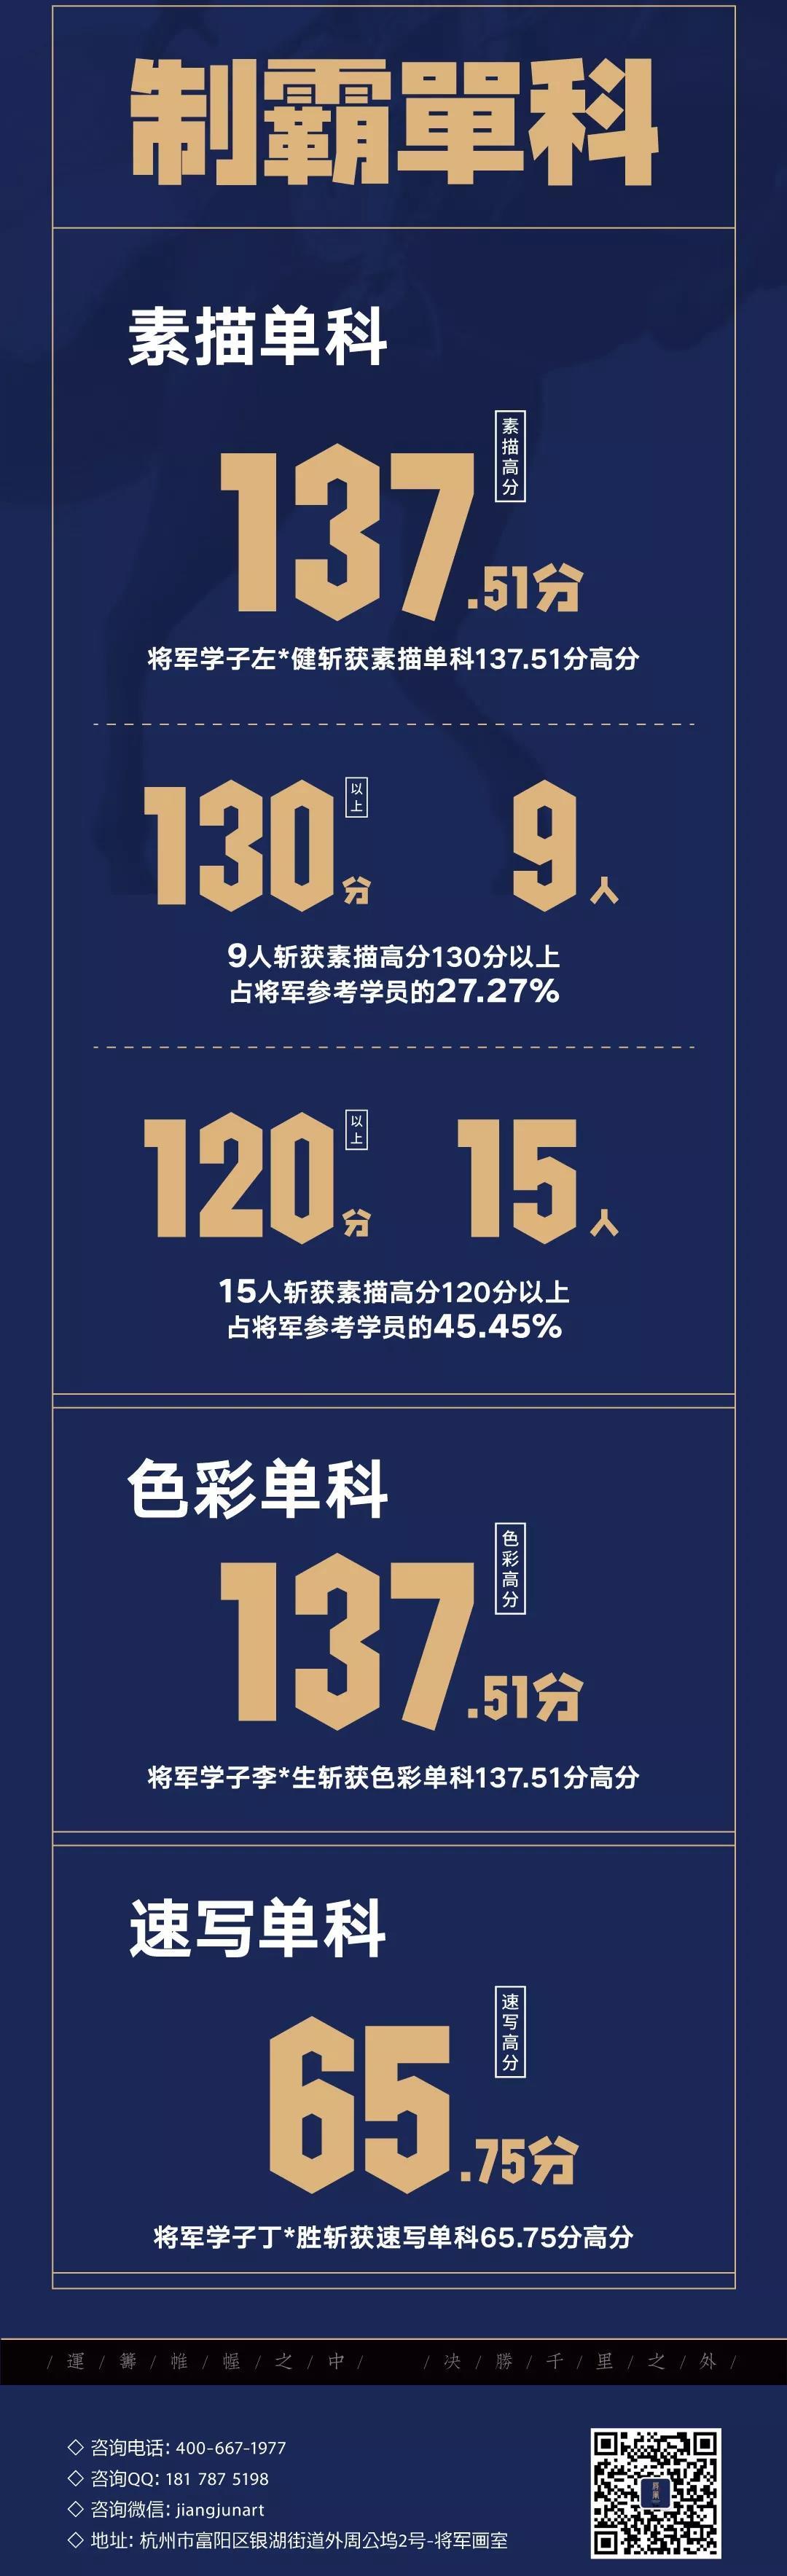 安徽省联考捷报3